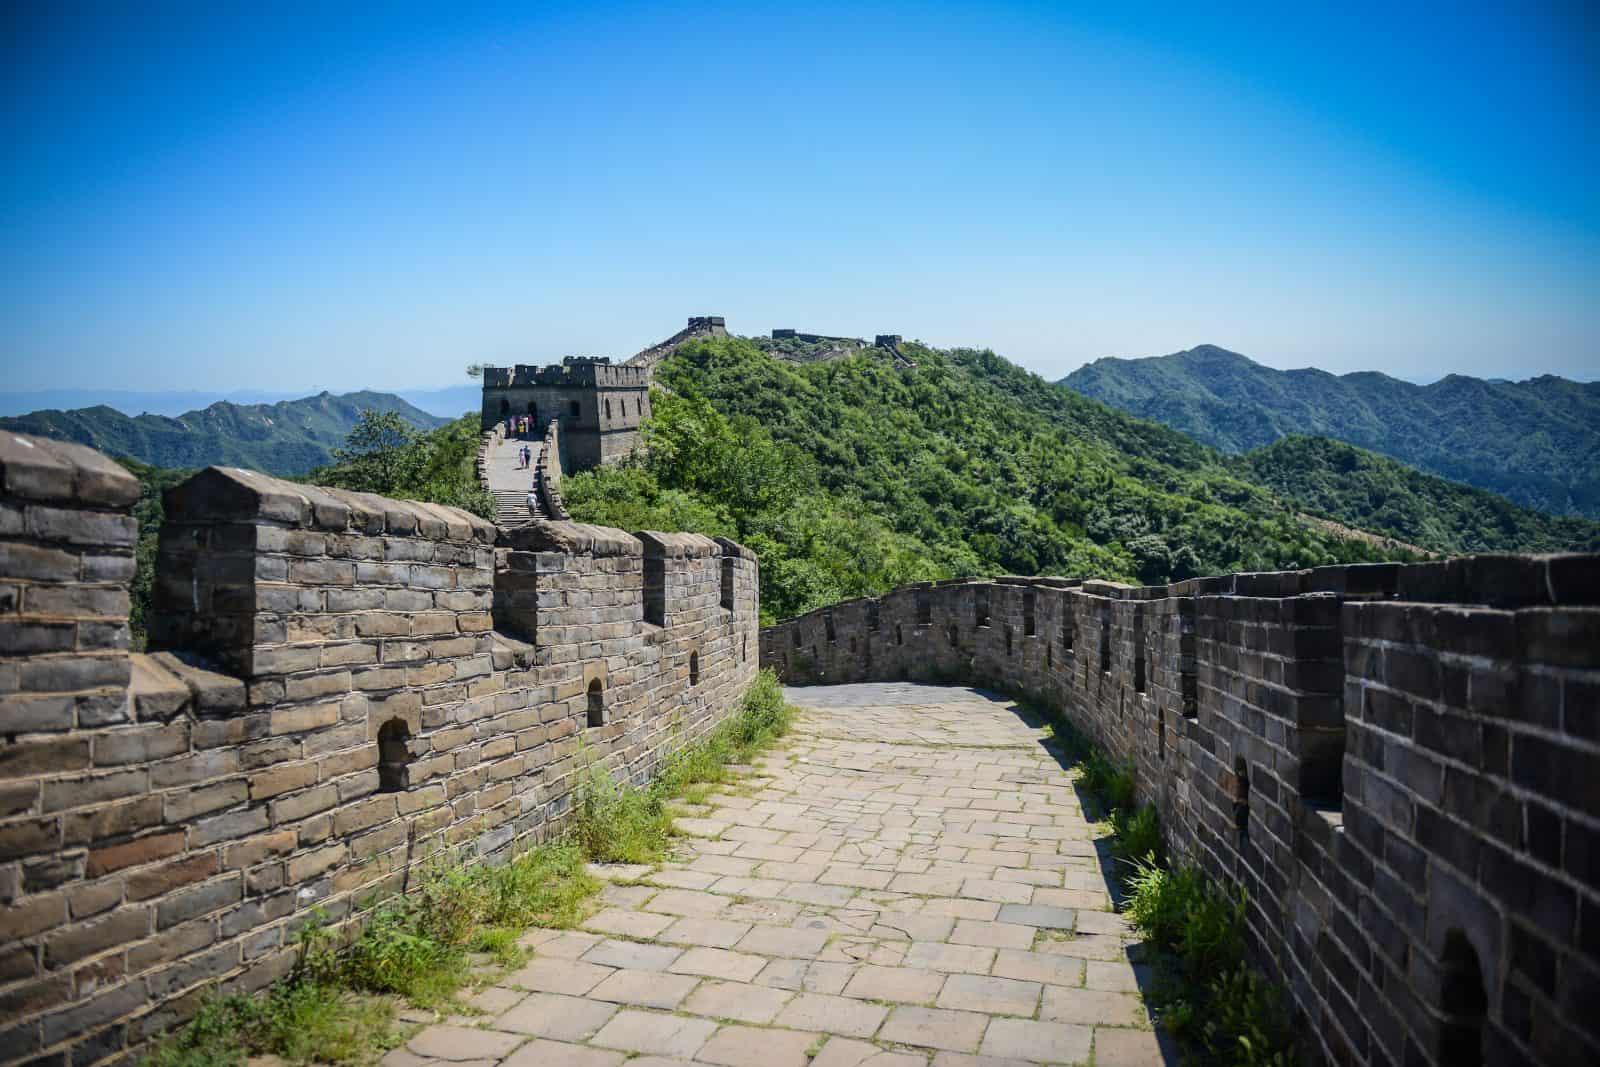 The Great Wall, Mutianyu, Beijing, China